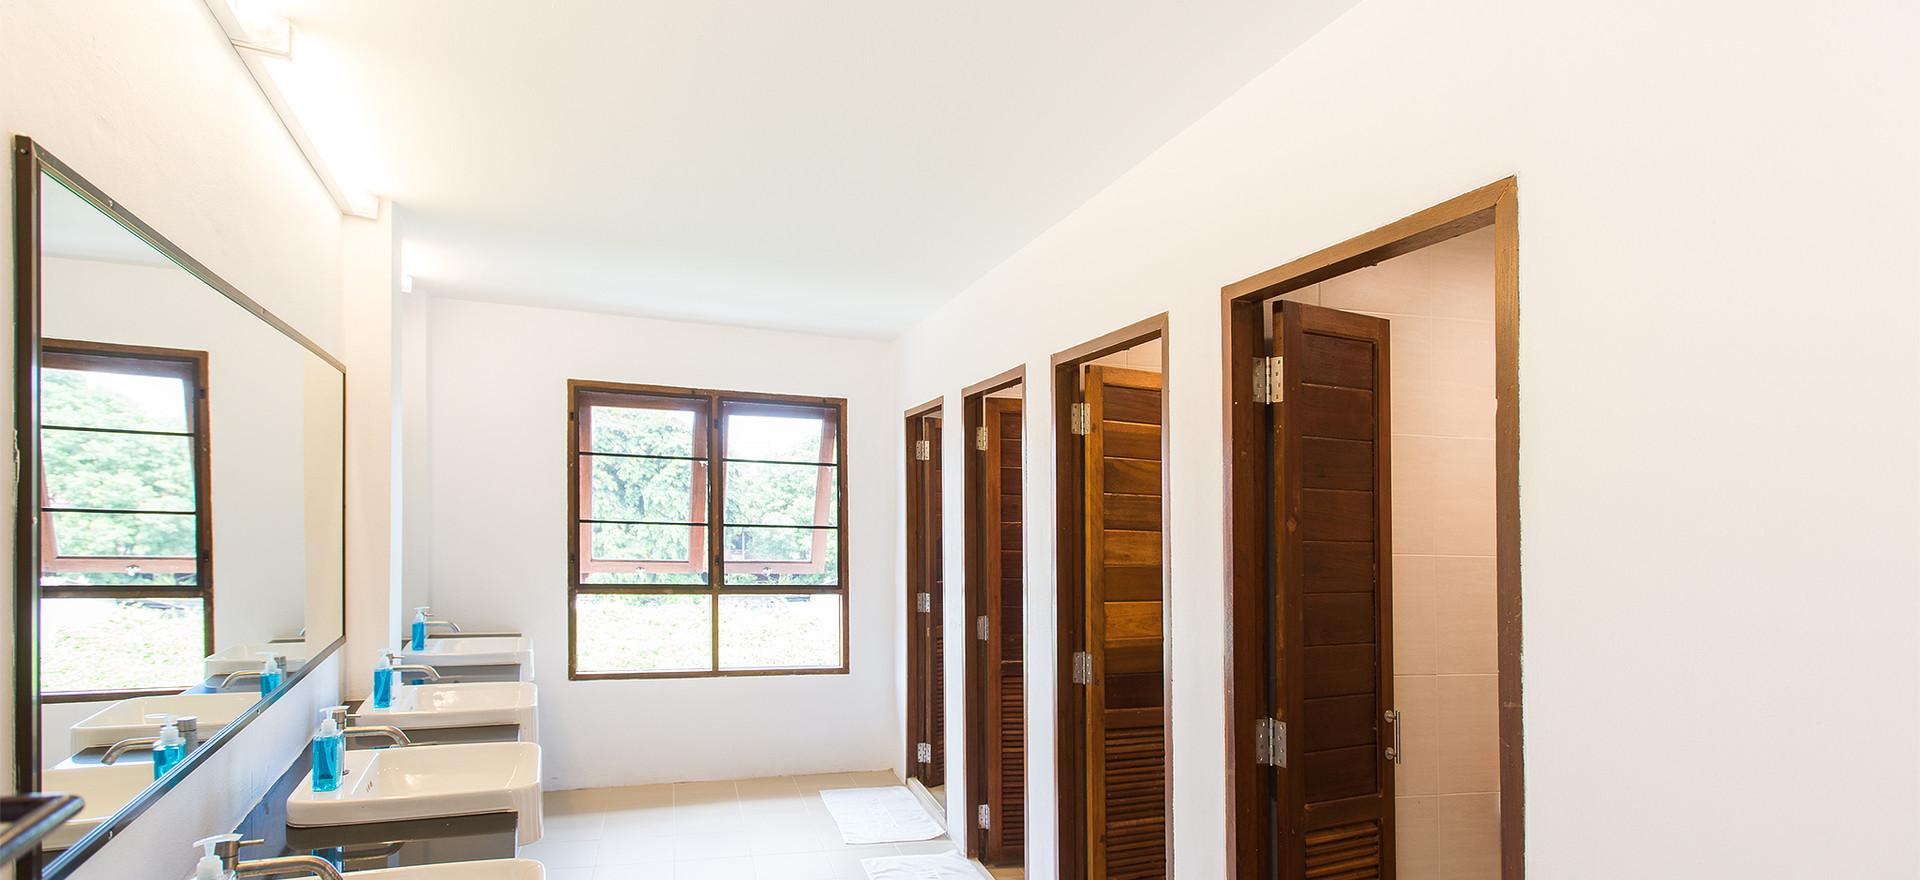 12 Beds Mixed Dorm Bathroom